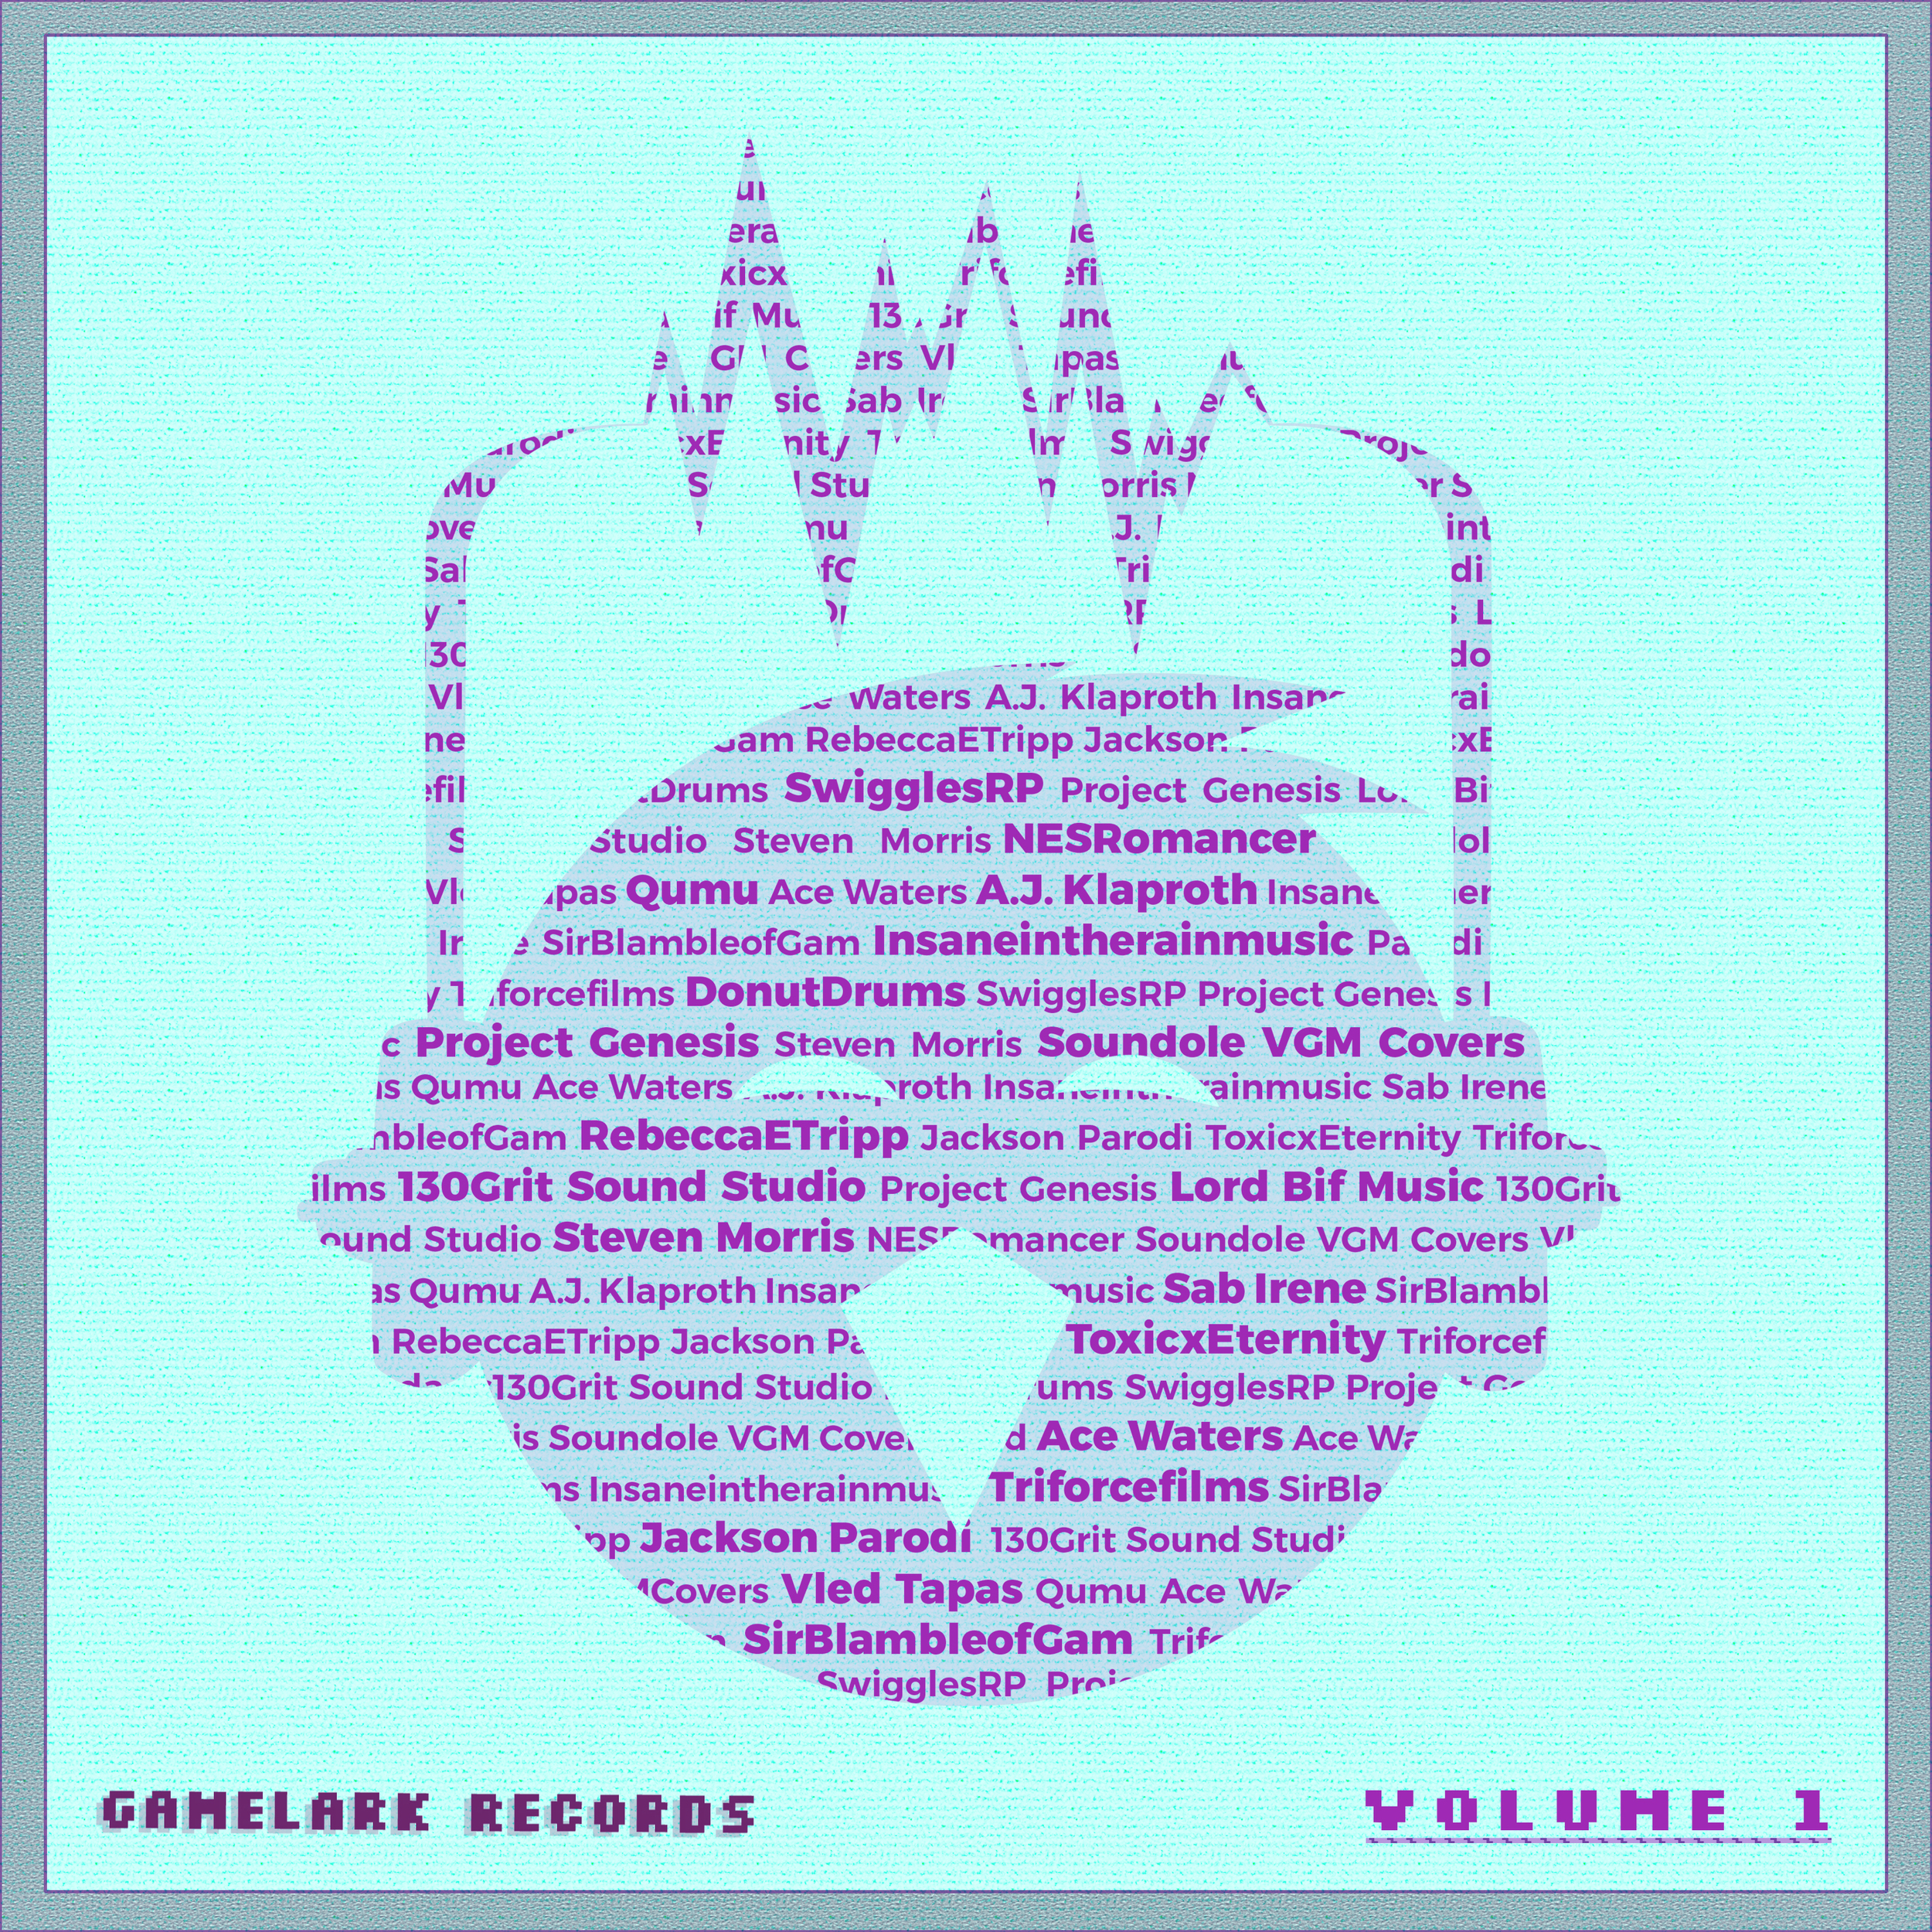 GameLark Volume 1